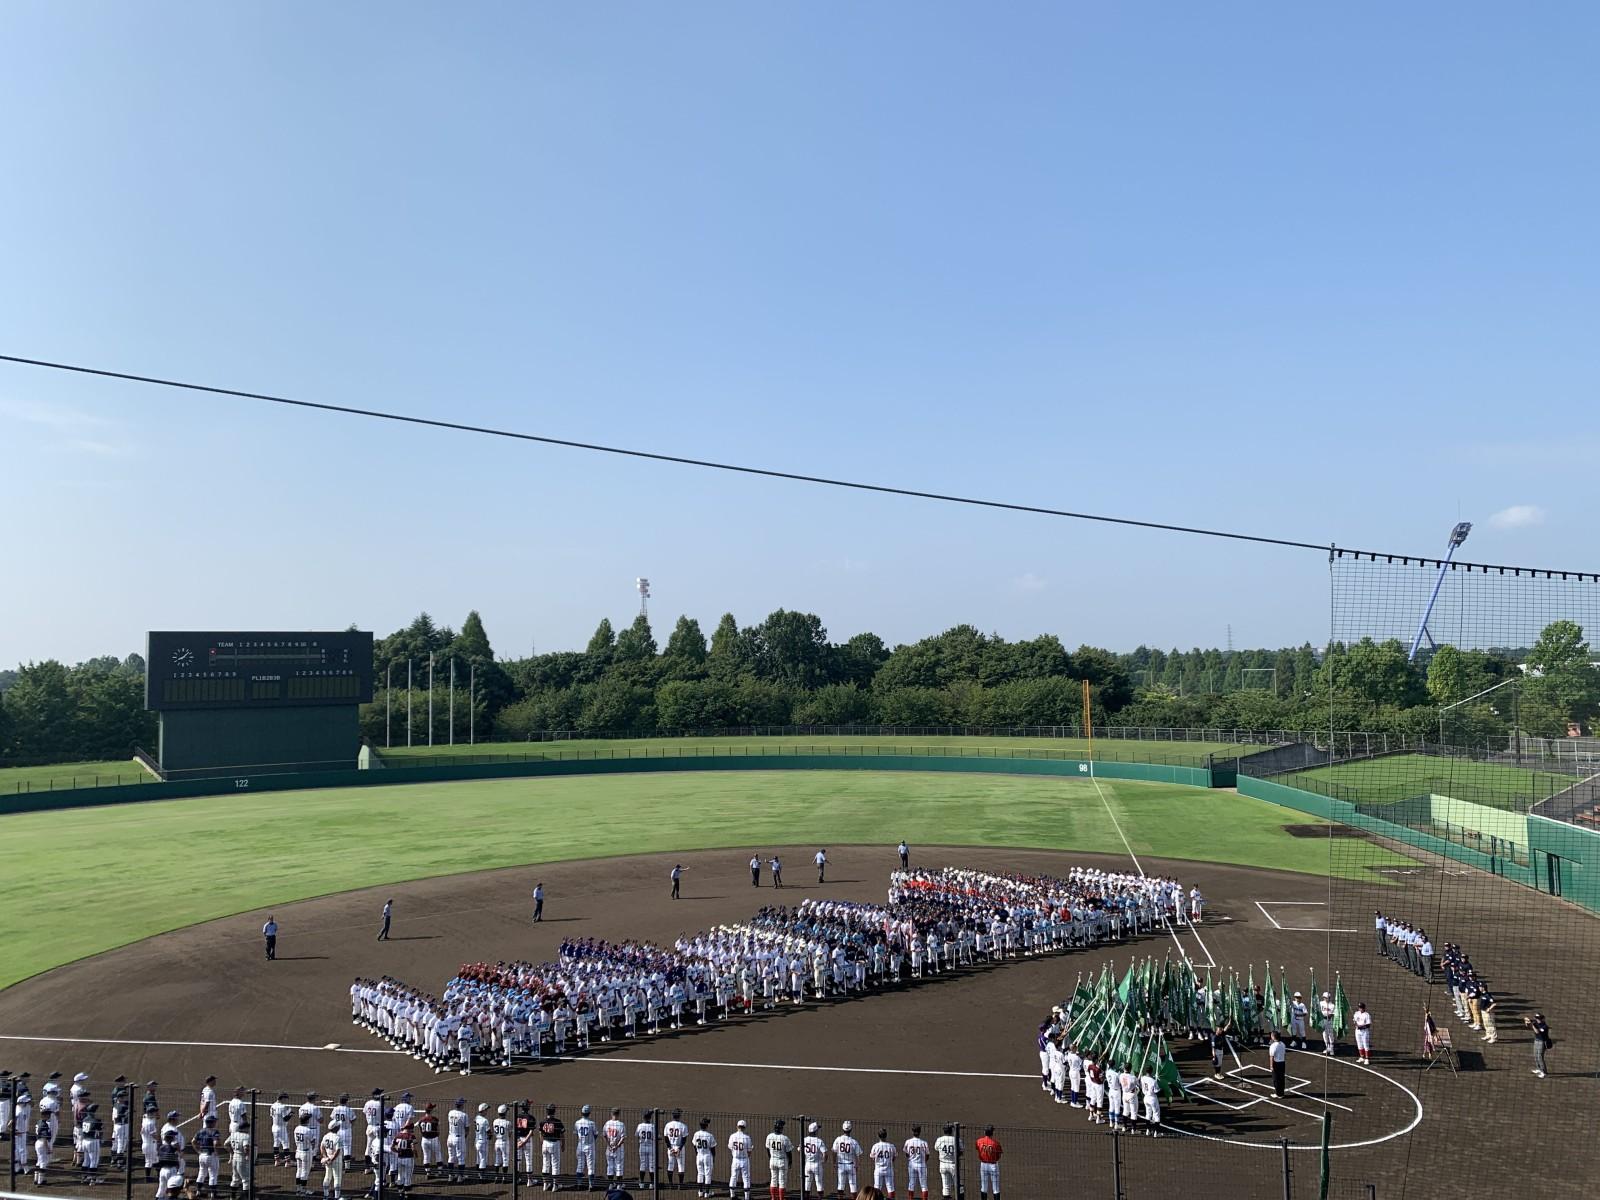 2019.08.18 2019東関東支部秋季大会 開会式